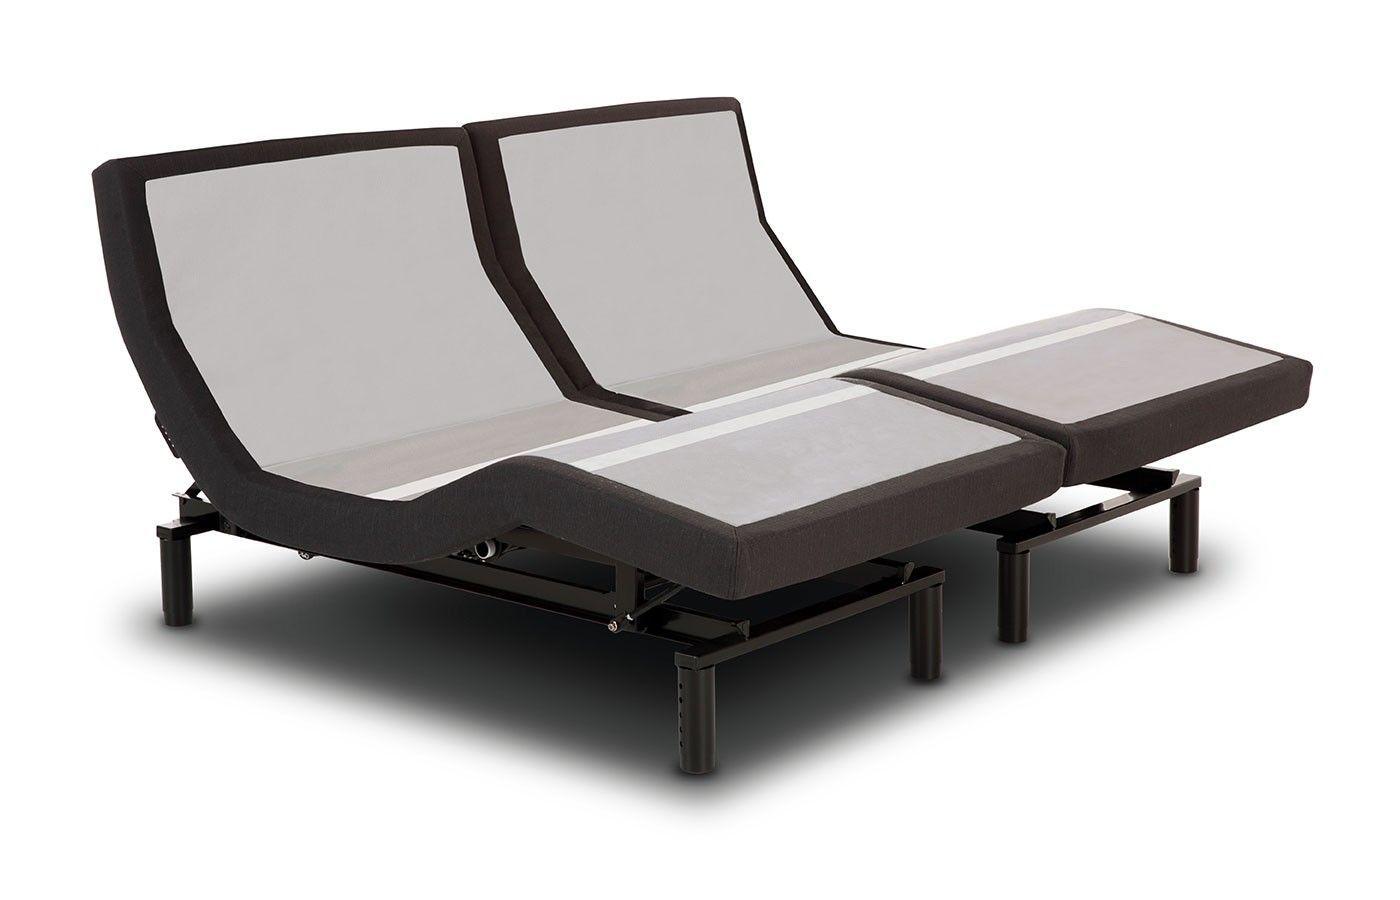 Amerisleep Adjustable Bed Adjustablebeds Adjustable Bed Base Adjustable Beds Leggett And Platt